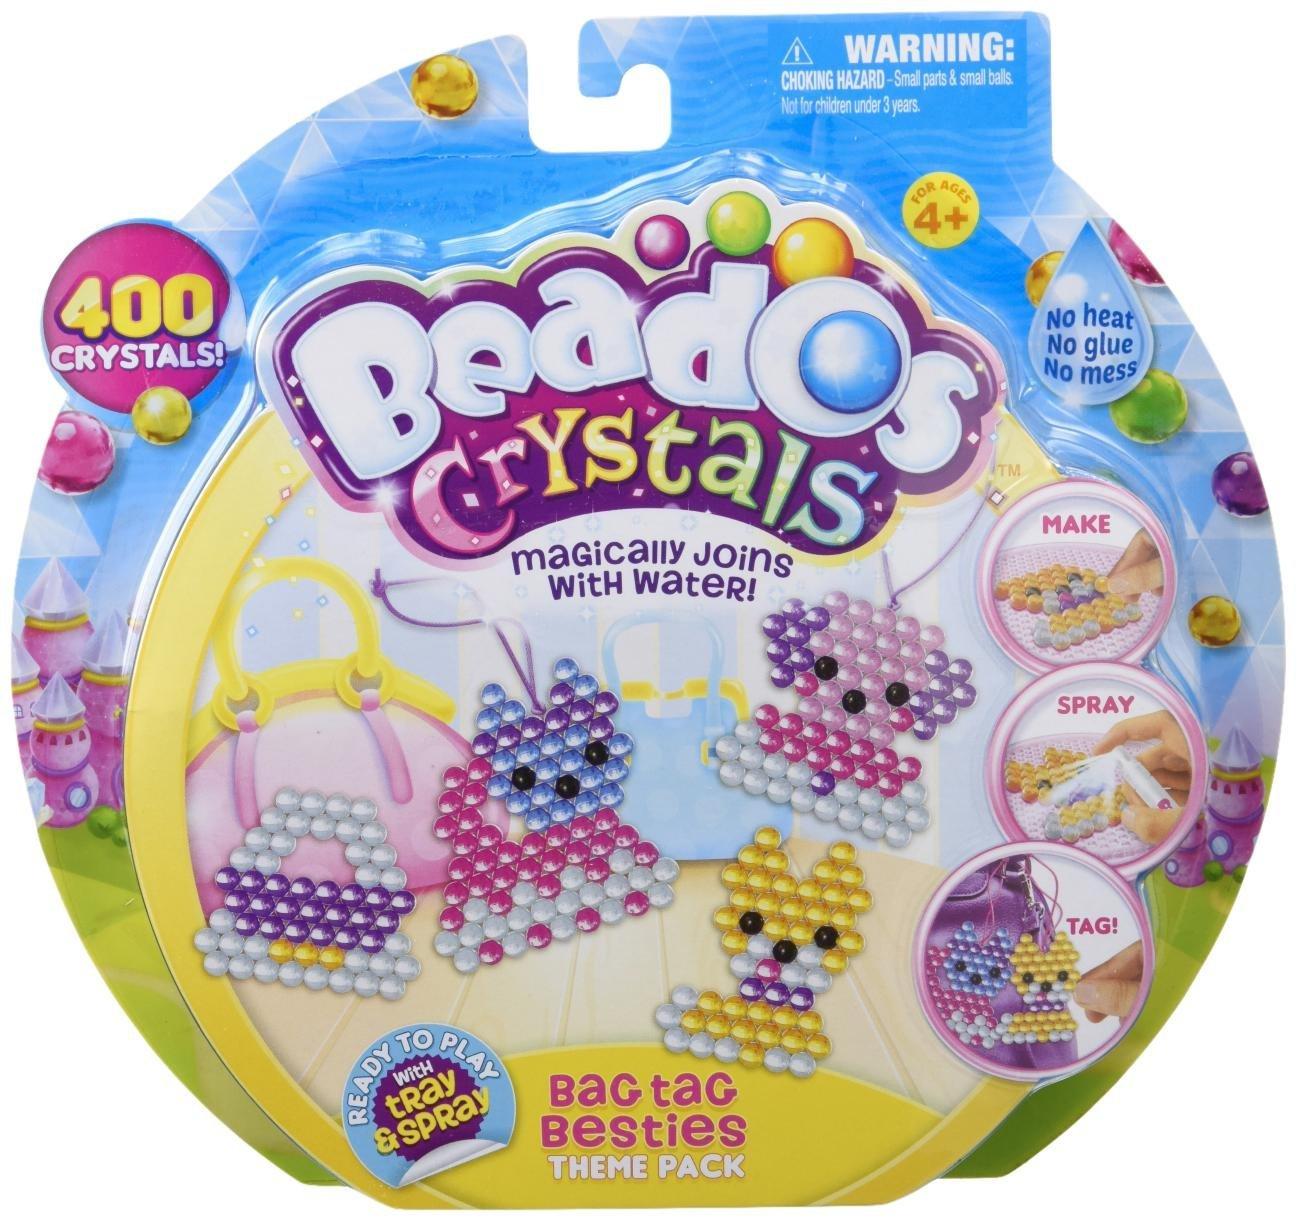 Beados Crystal Pack - Bag Tag Besties Building Kit